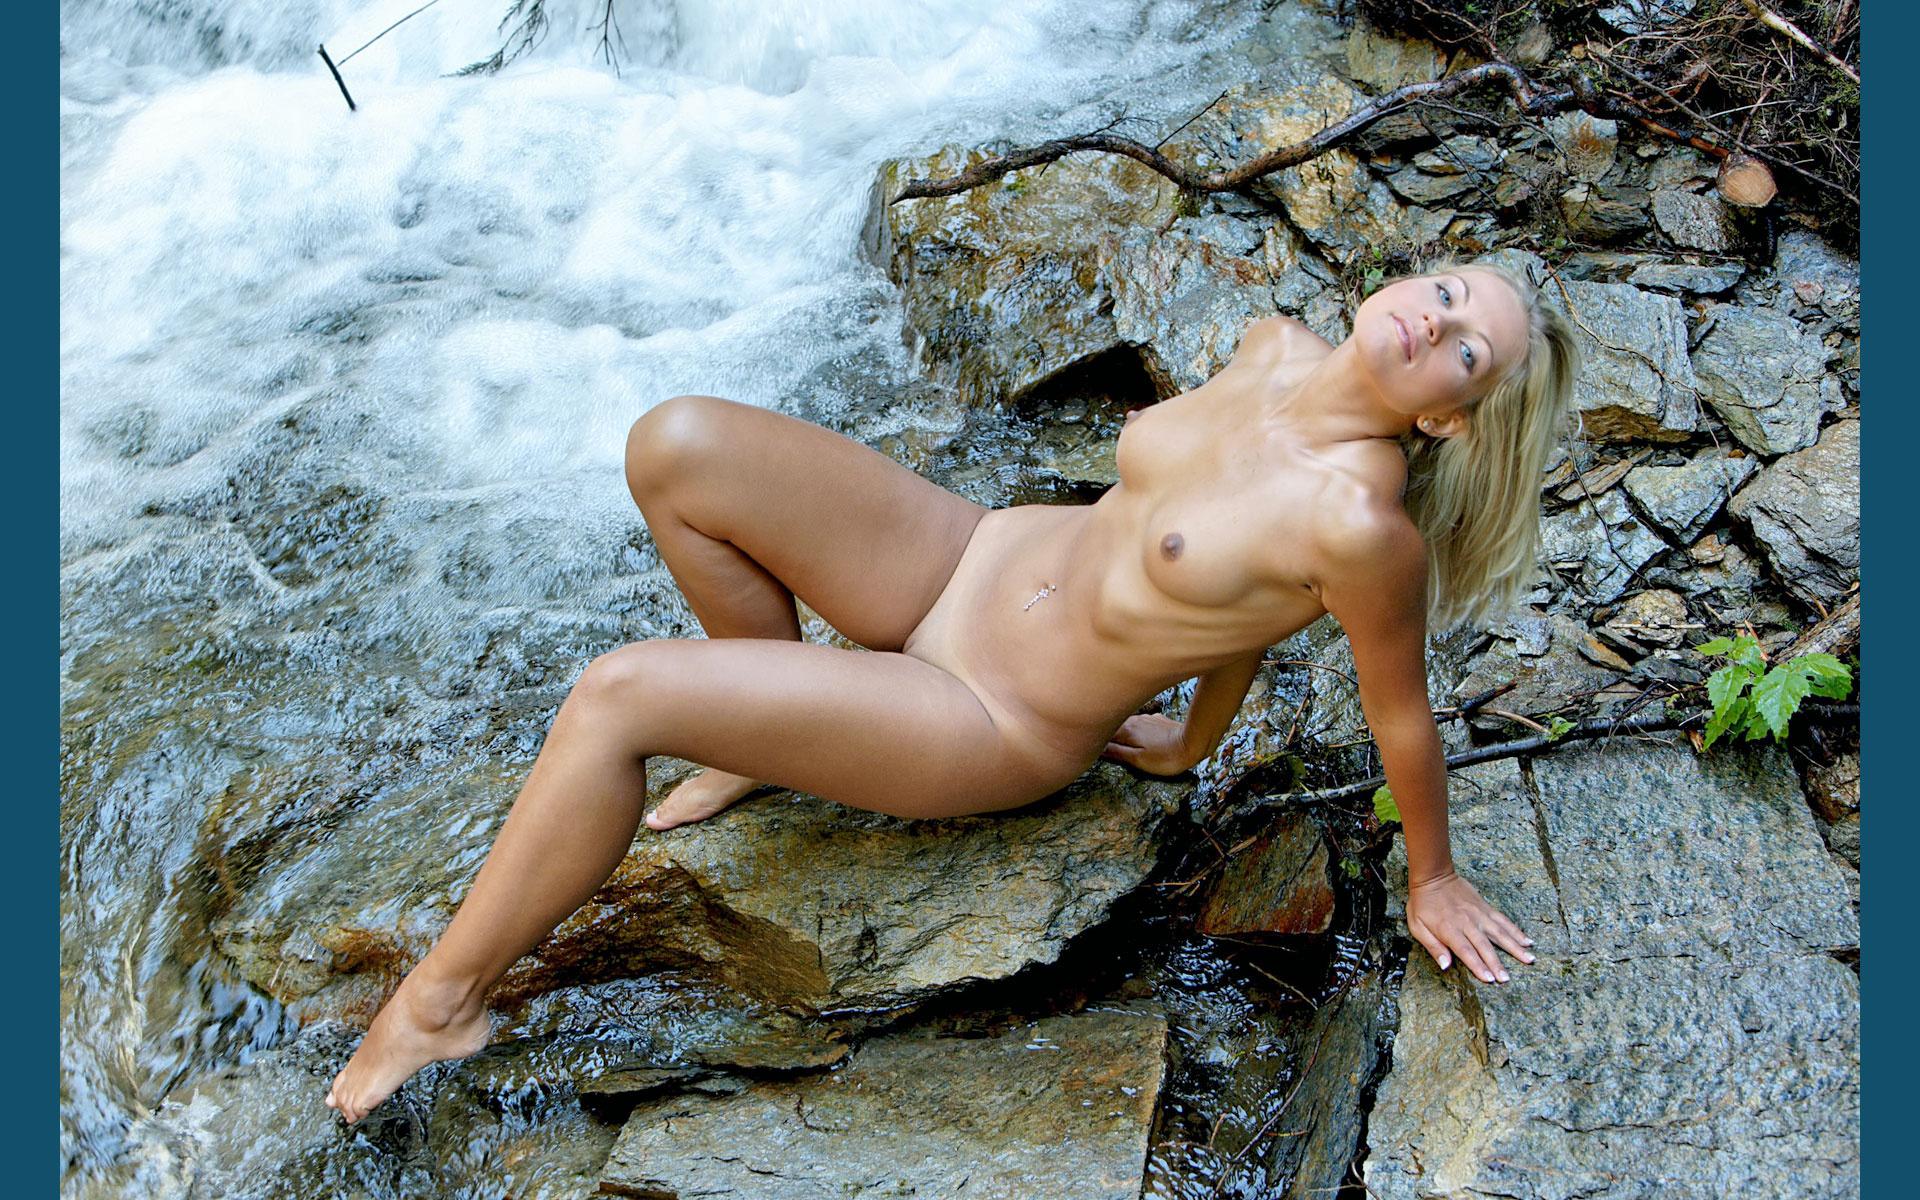 Nude Stream